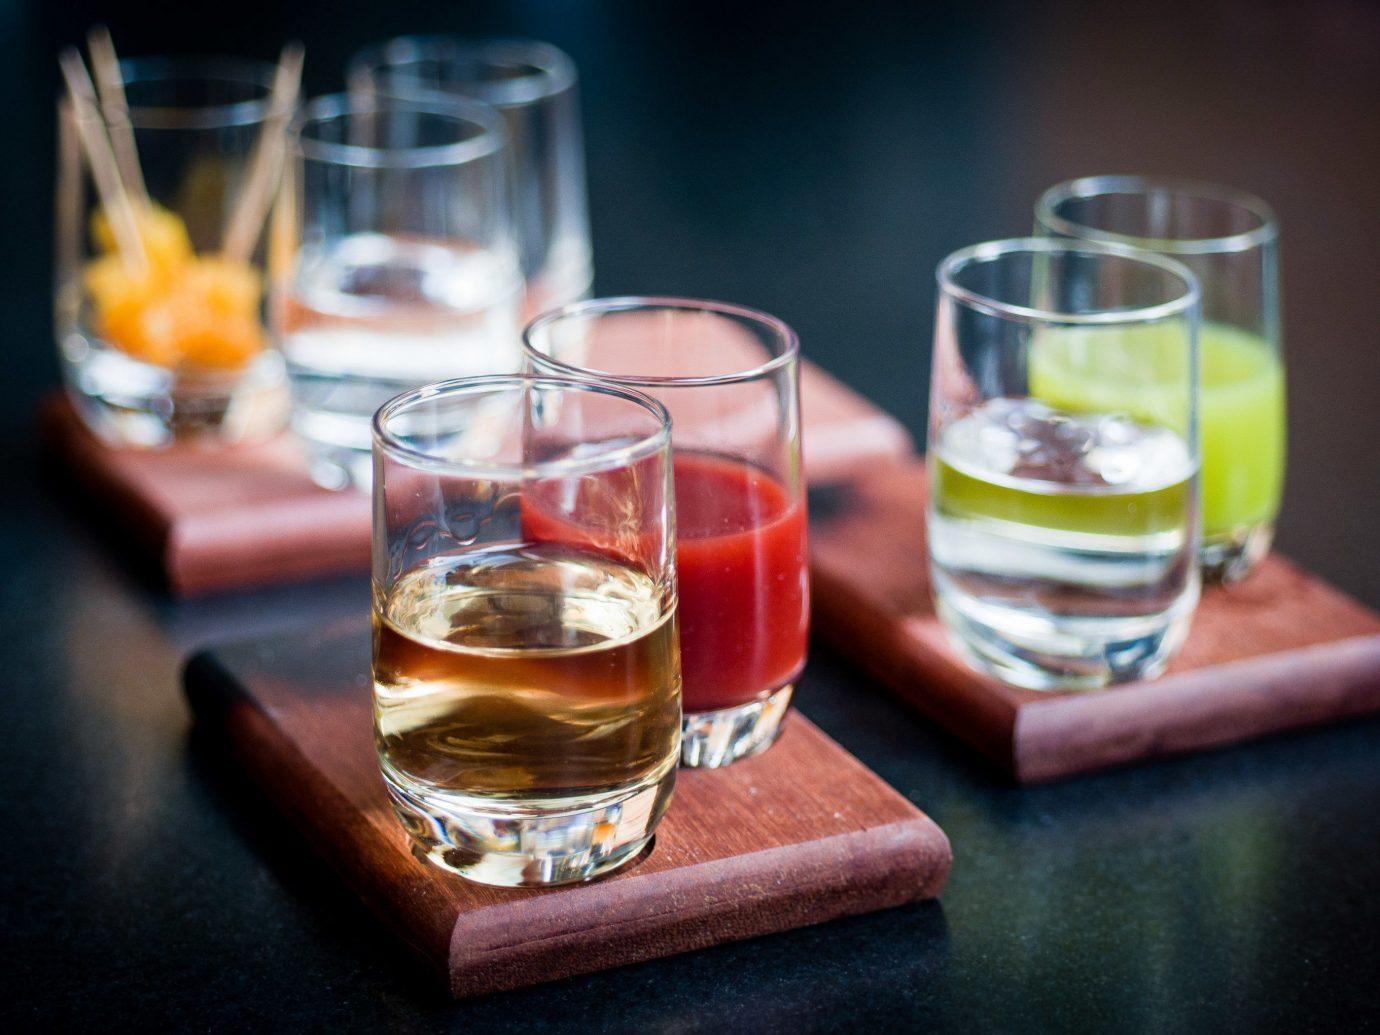 Trip Ideas table distilled beverage indoor Drink alcoholic beverage liqueur alcohol whisky glass cocktail beverage wine fruit drink